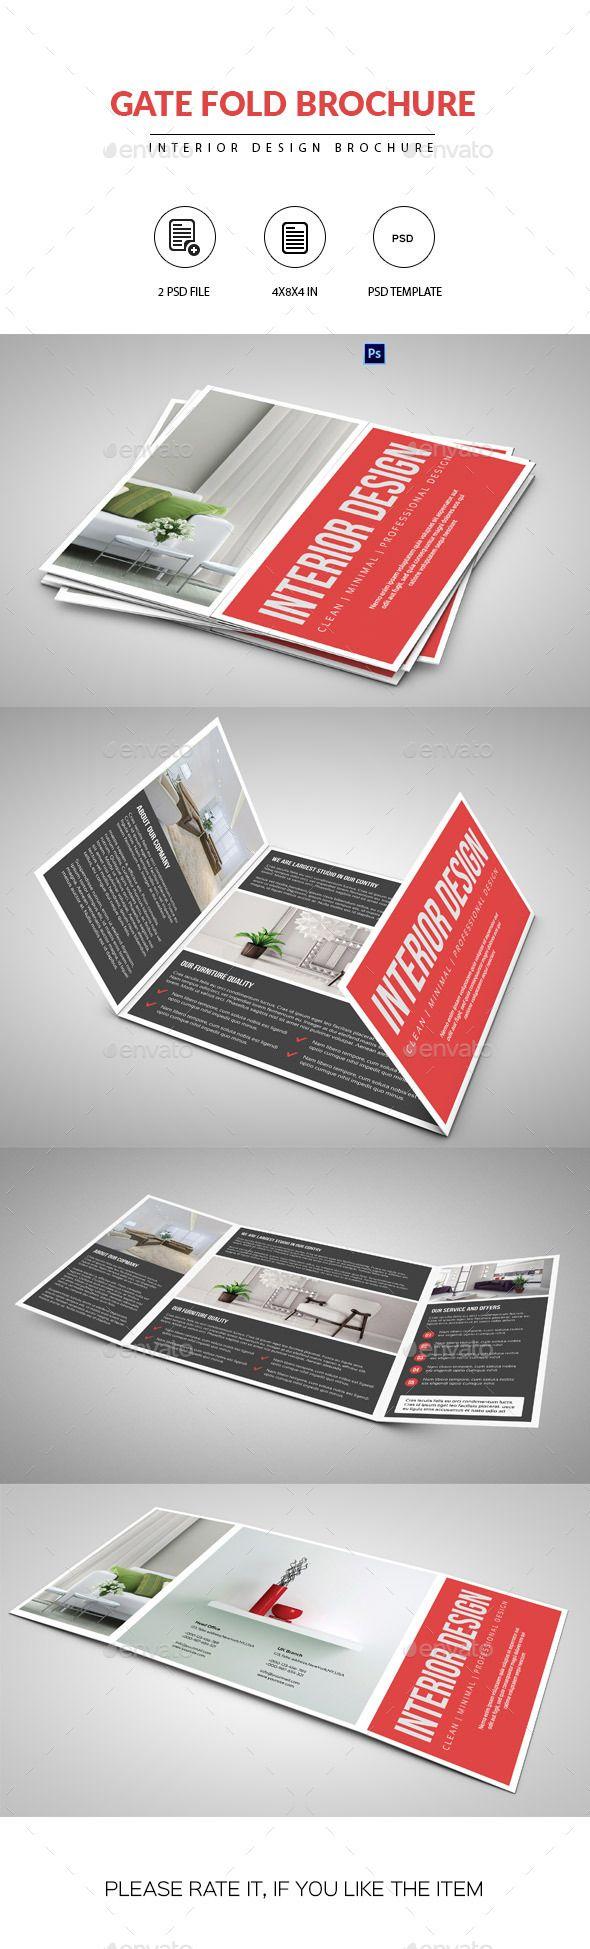 Square Gate Fold Brochure Interior Design